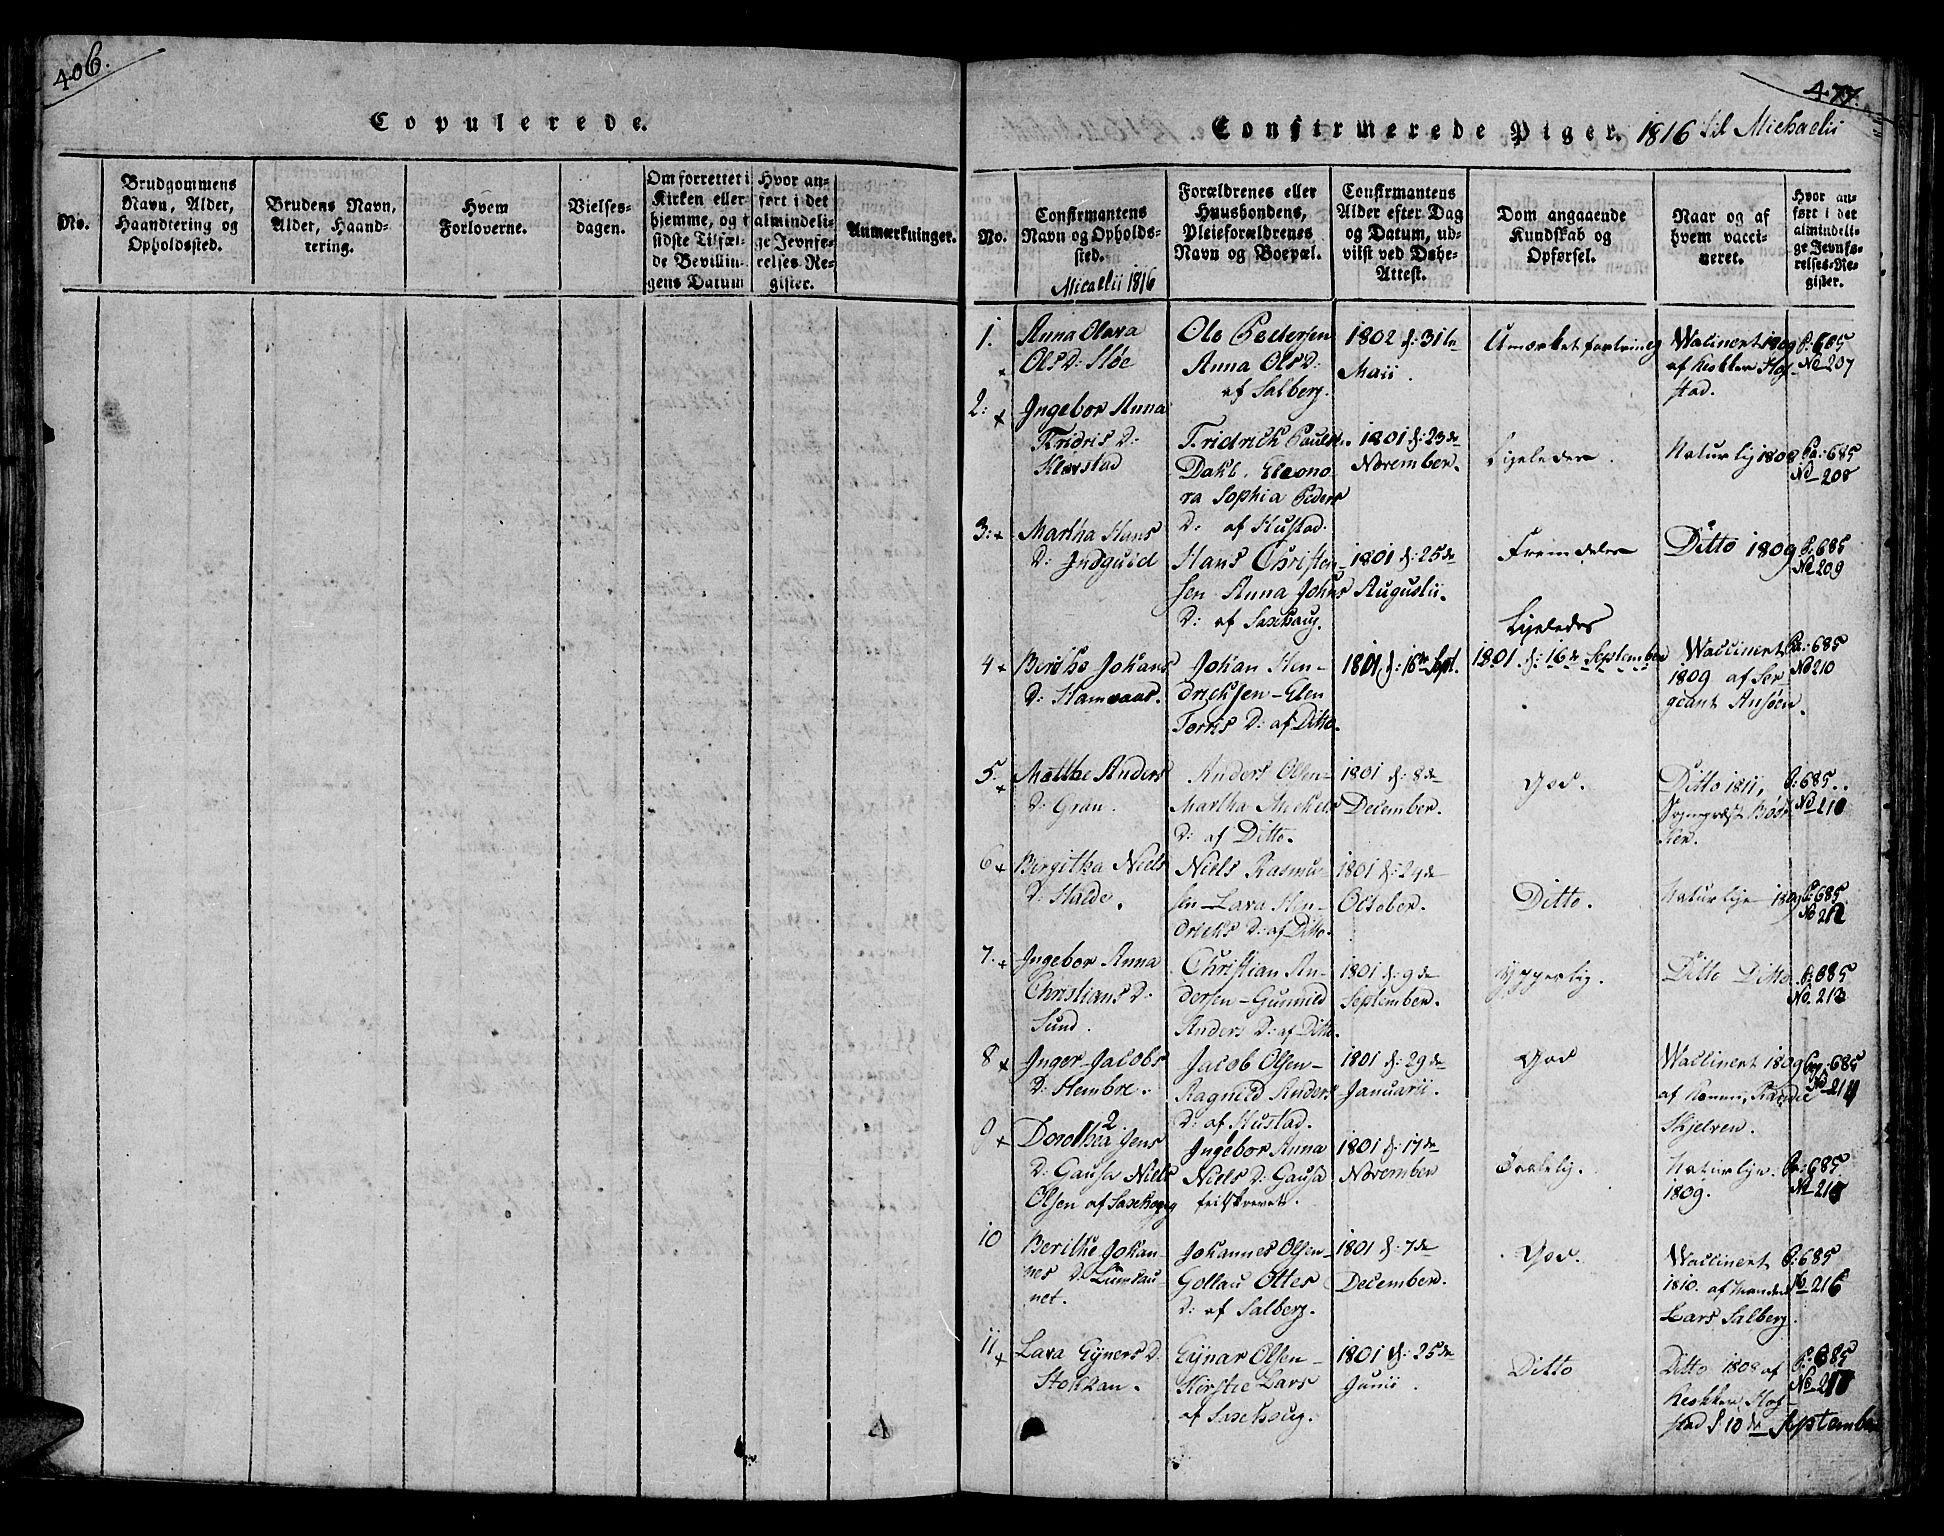 SAT, Ministerialprotokoller, klokkerbøker og fødselsregistre - Nord-Trøndelag, 730/L0275: Parish register (official) no. 730A04, 1816-1822, p. 406-477